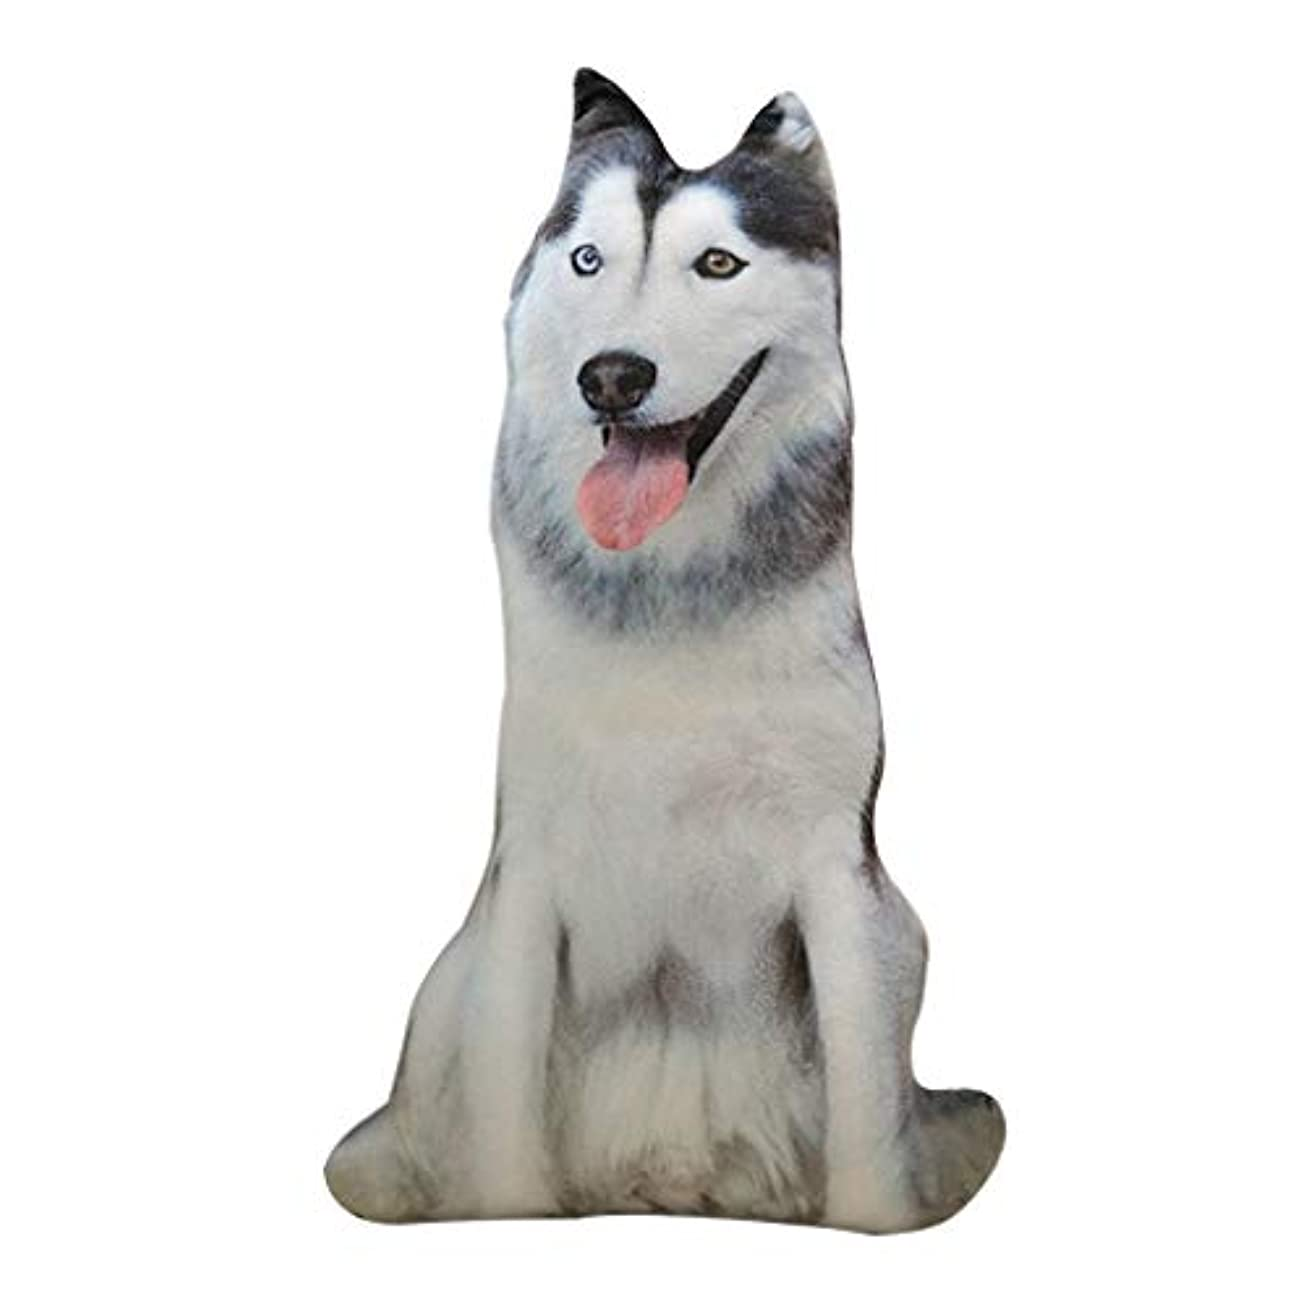 代表朝の体操をするウェーハLIFE 装飾クッションソファおかしい 3D 犬印刷スロー枕創造クッションかわいいぬいぐるみギフト家の装飾 coussin decoratif クッション 椅子